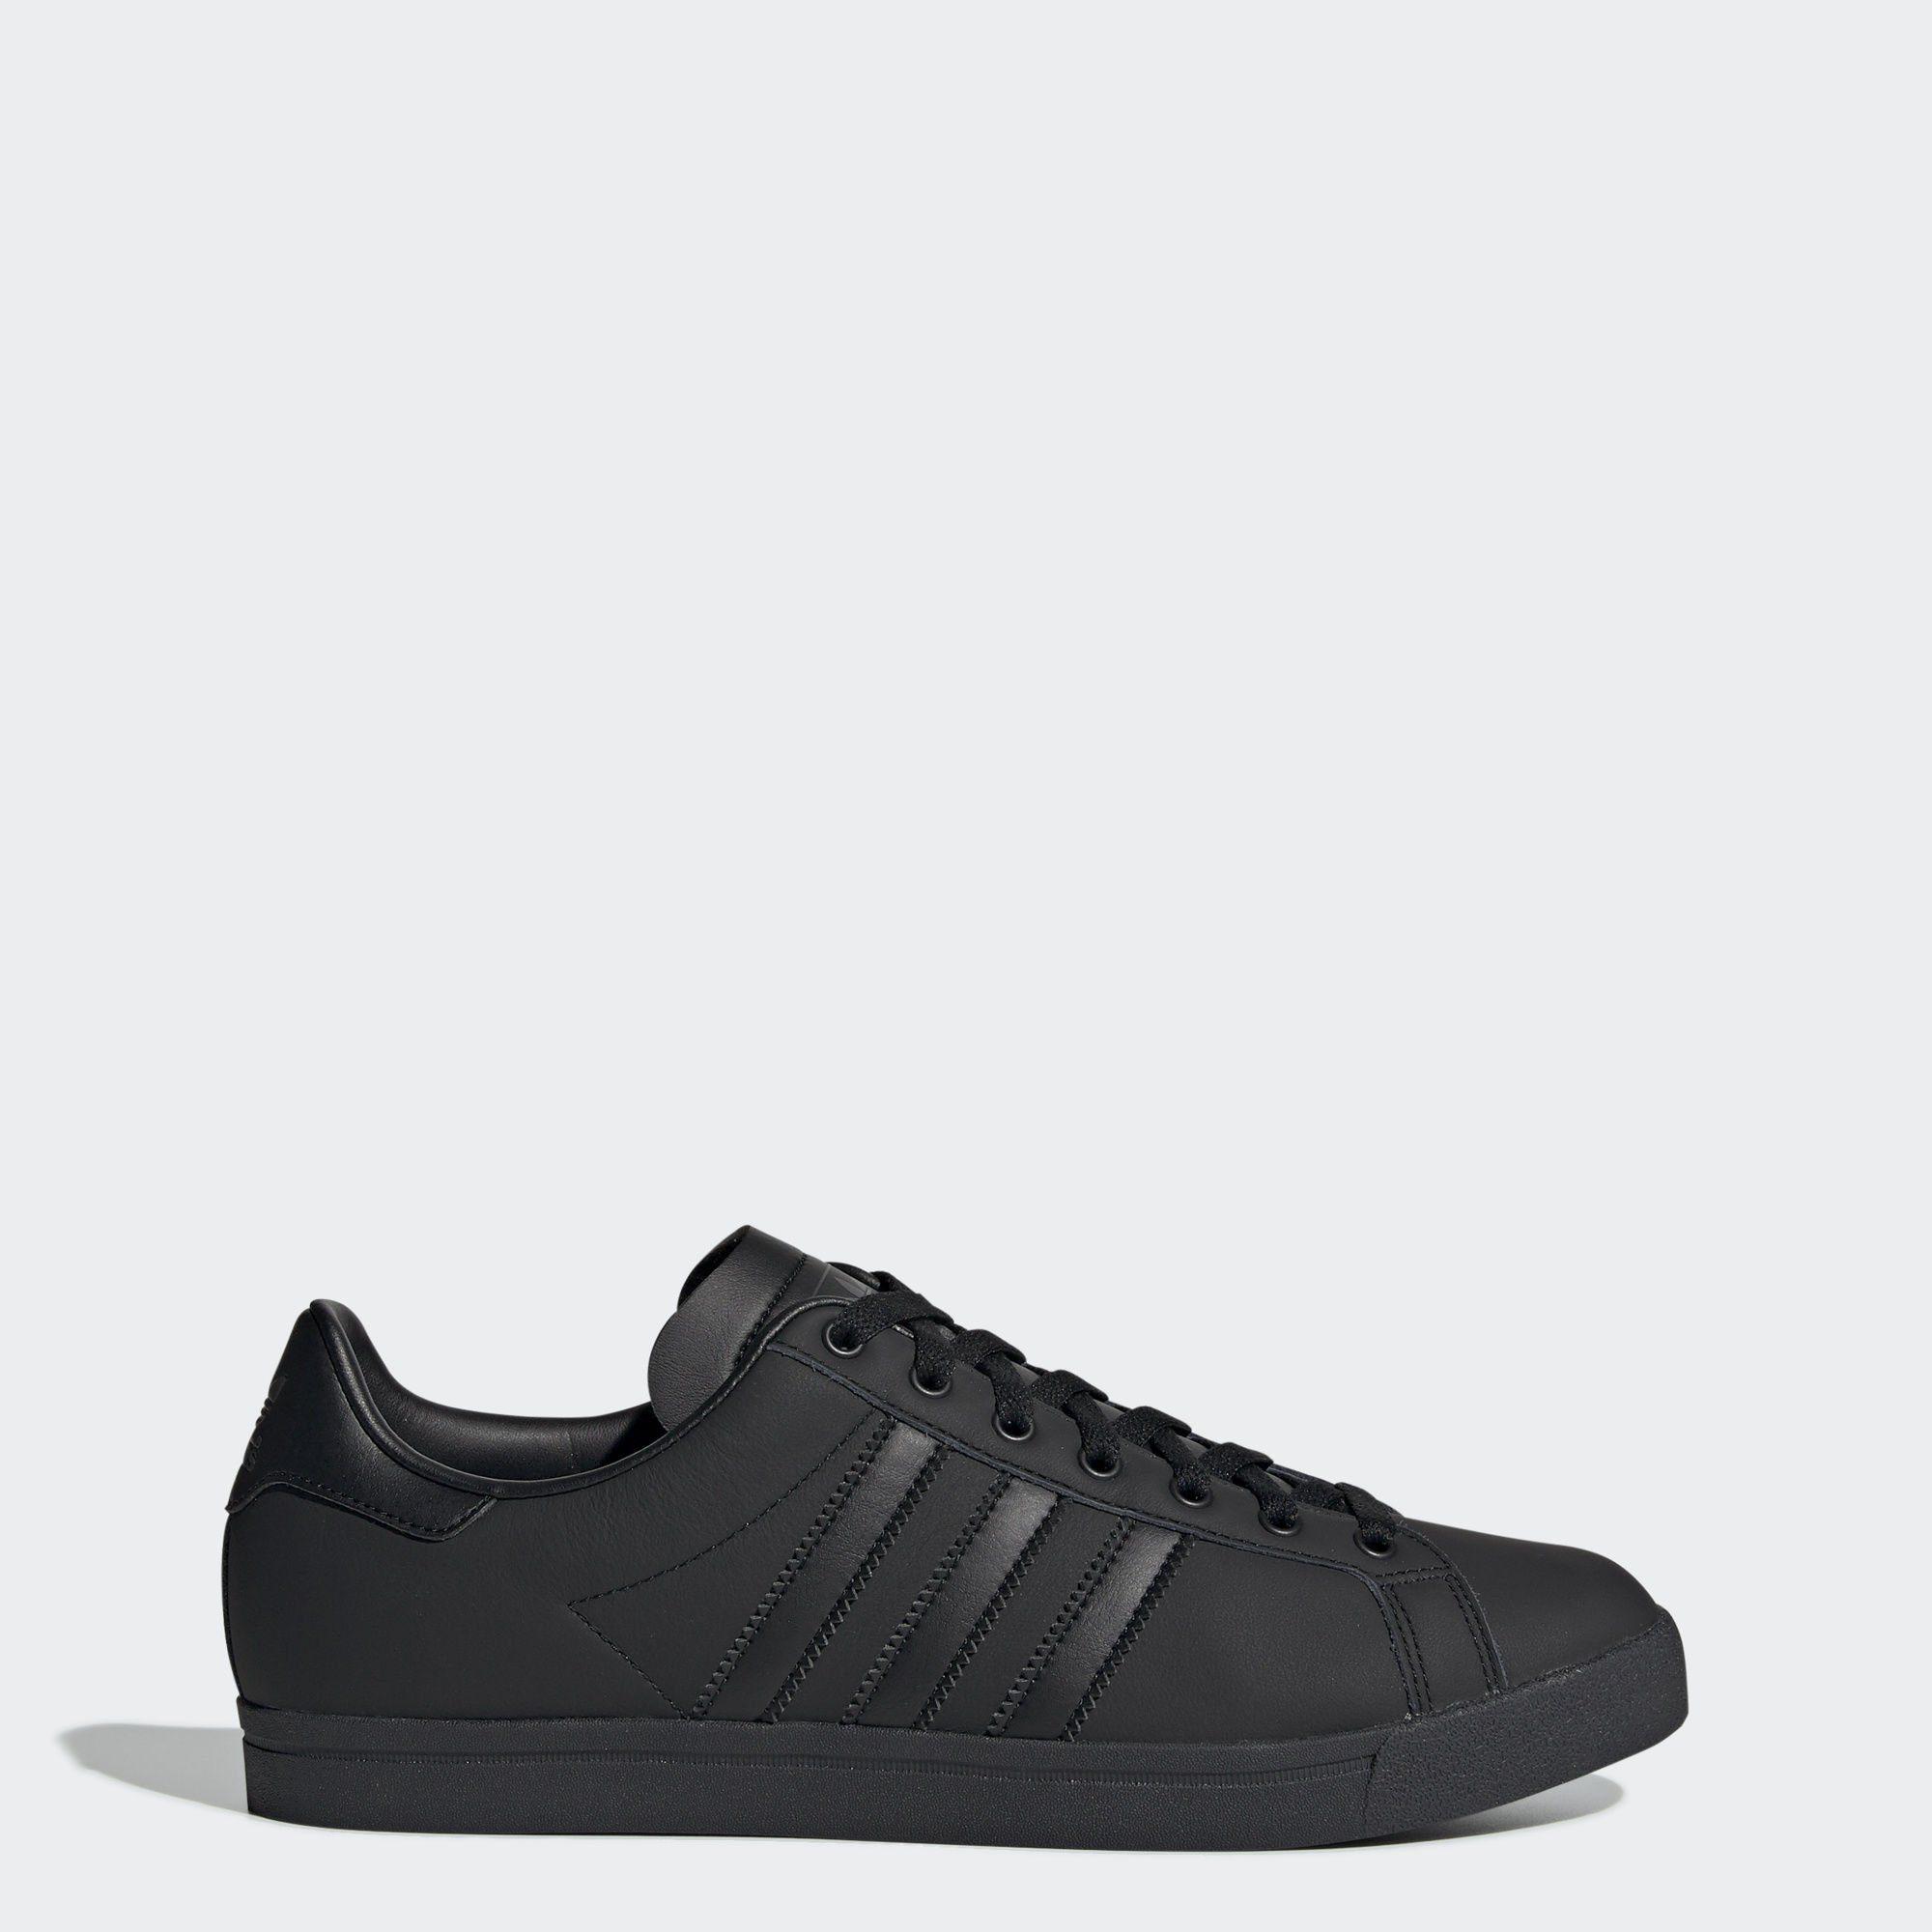 adidas Originals »Coast Star Schuh« Sneaker Coast Star, Obermaterial aus Leder online kaufen | OTTO